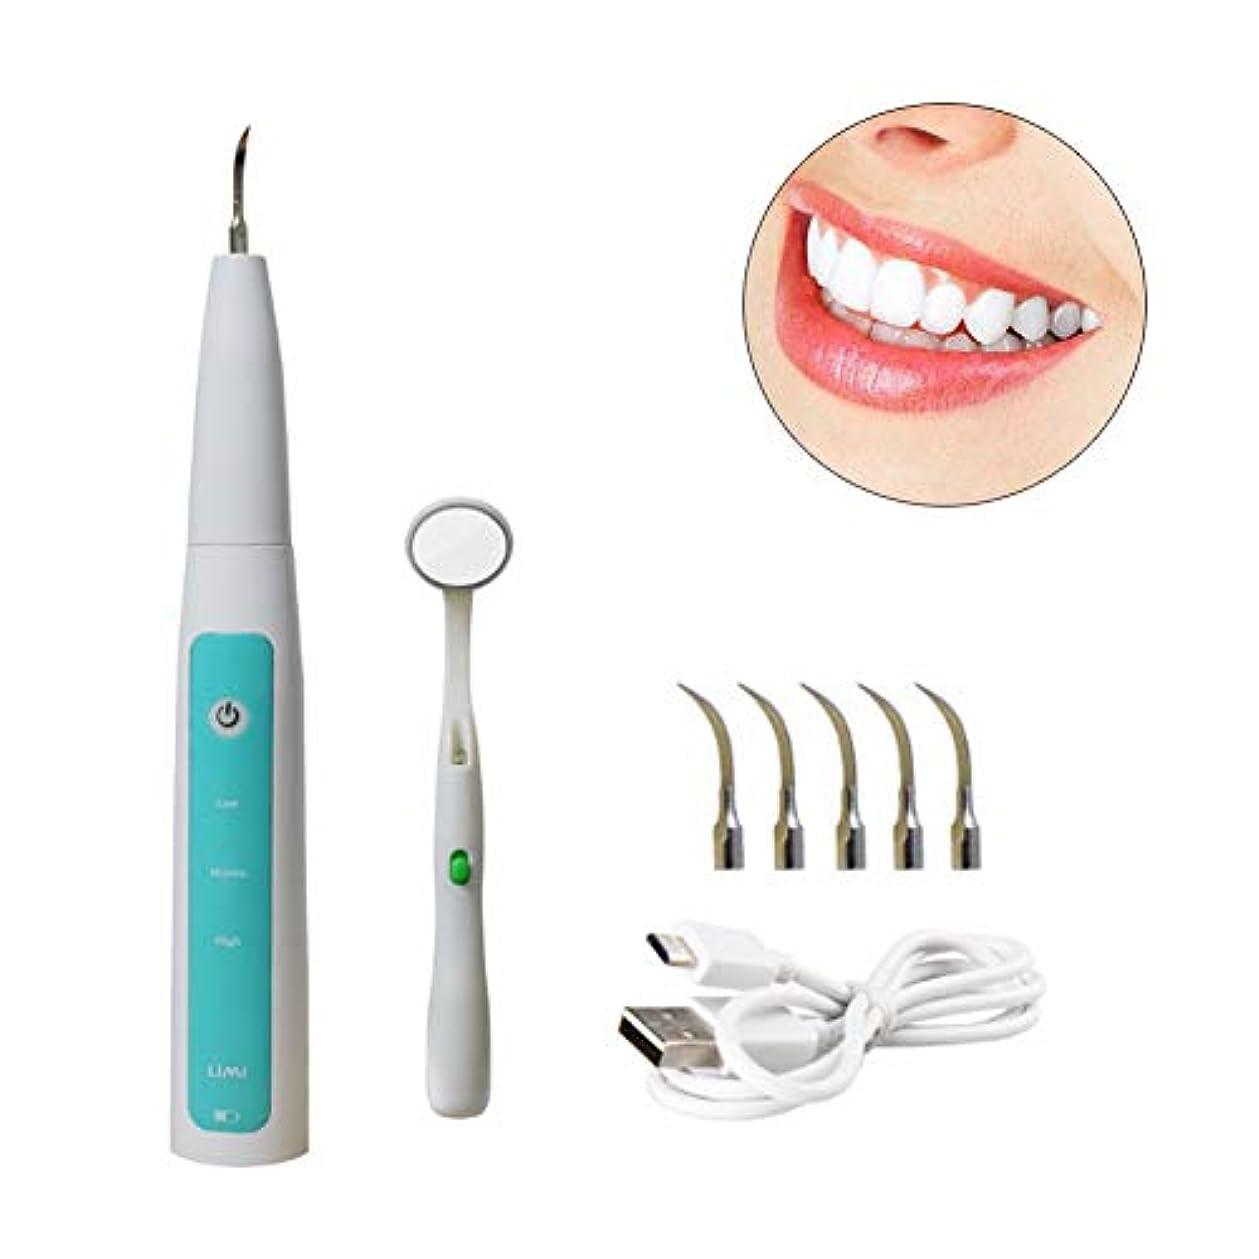 請求お酒マーガレットミッチェル超音波歯磨き粉、歯石から汚れを除去するために微積分から赤い歯を排除するためのインテリジェントな電気洗浄装置